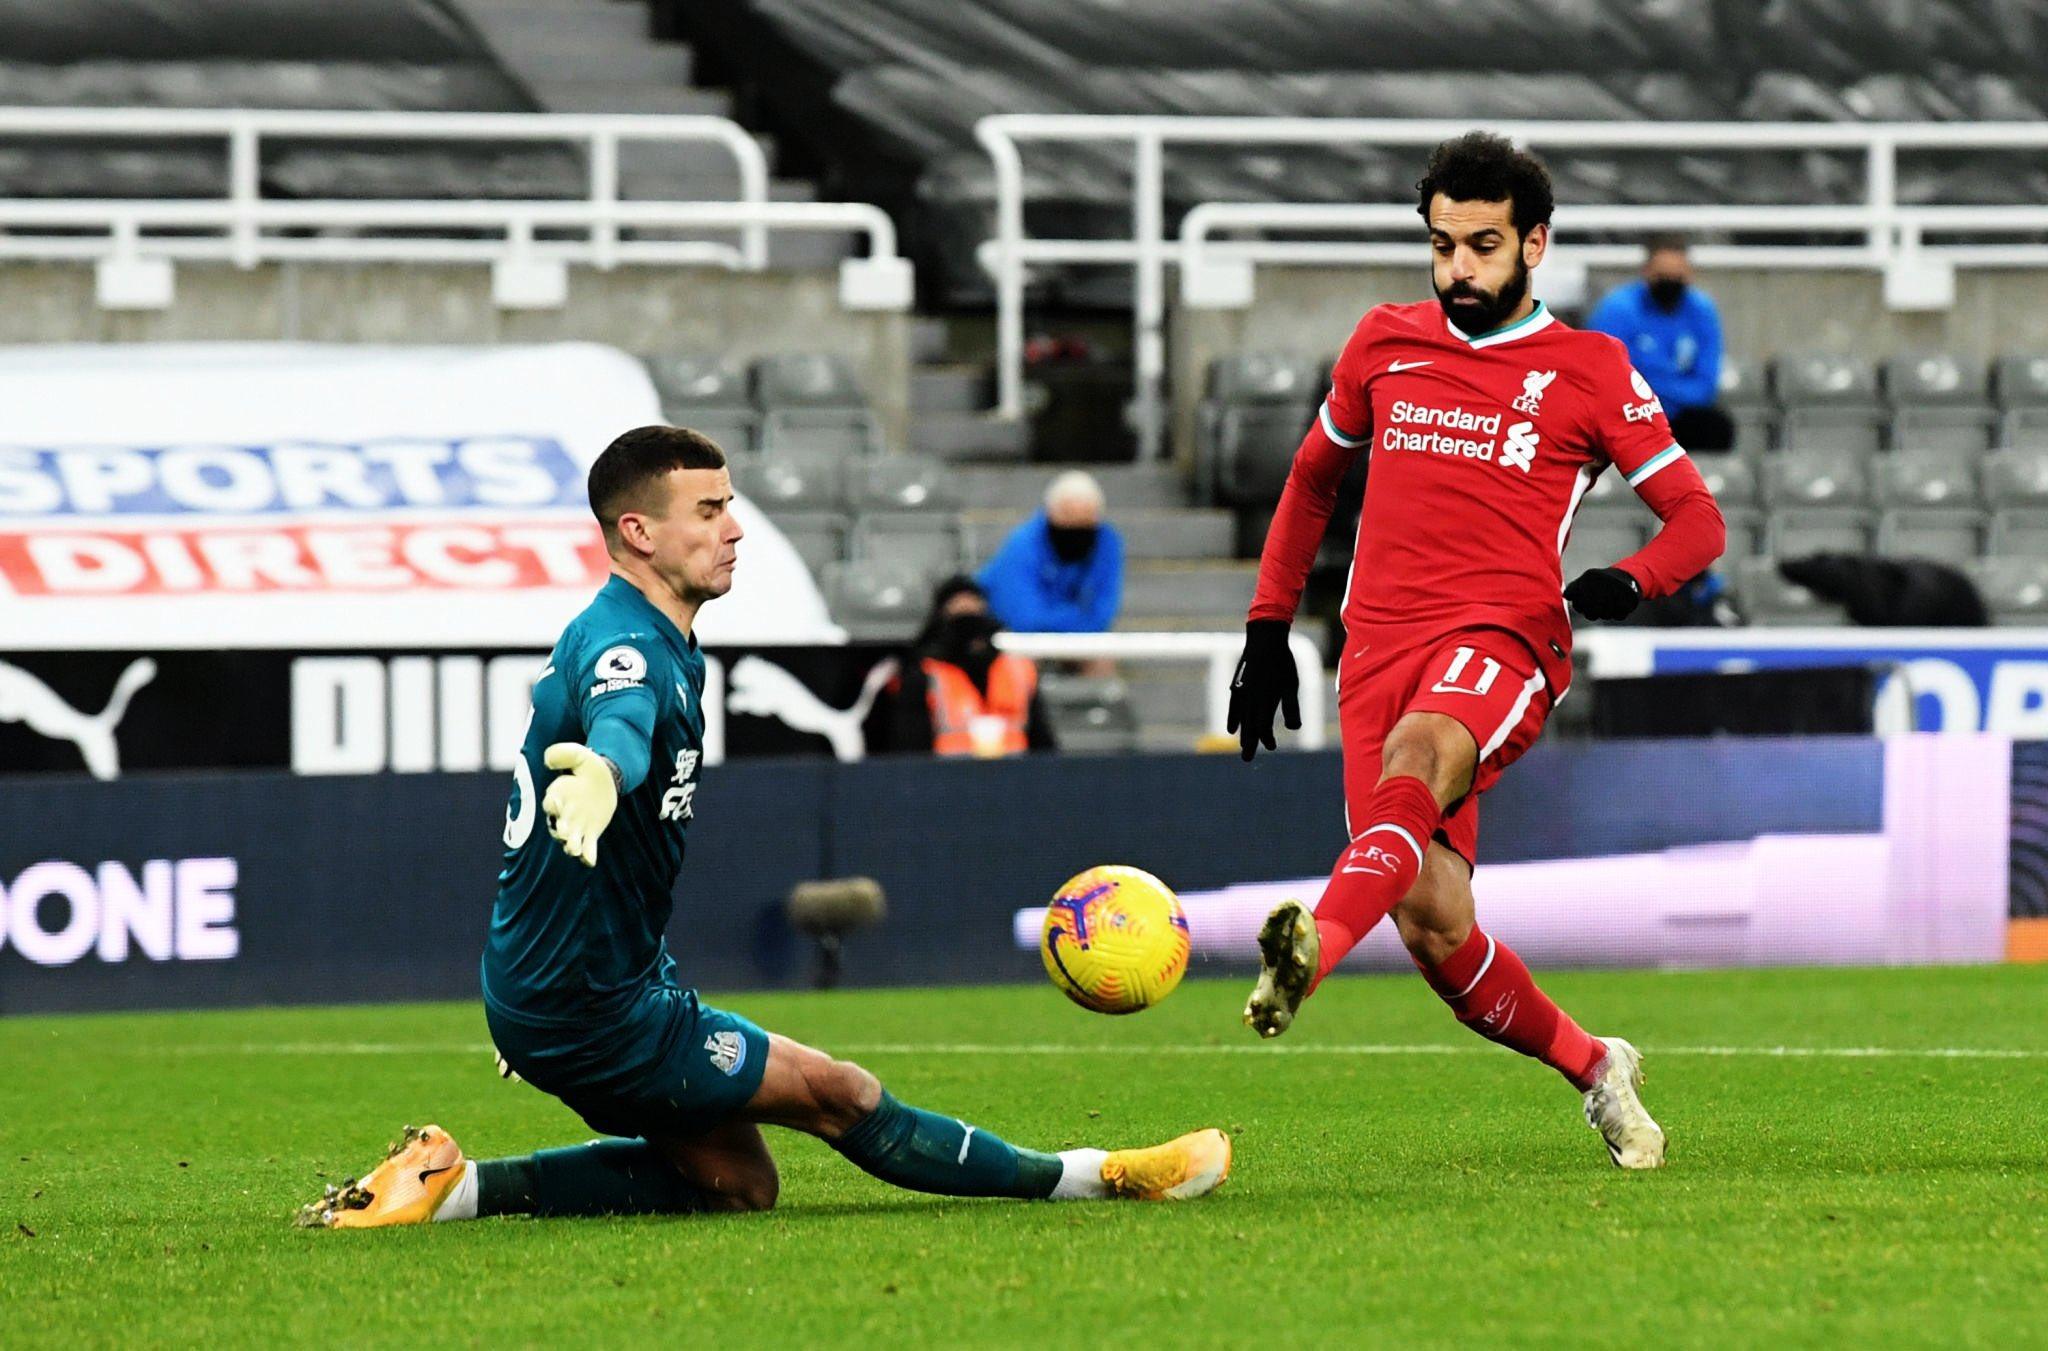 صورة ليفربول يواصل ترنحه ويسقط في فخ التعادل مجددا أمام نيوكاسل بمشاركة صلاح